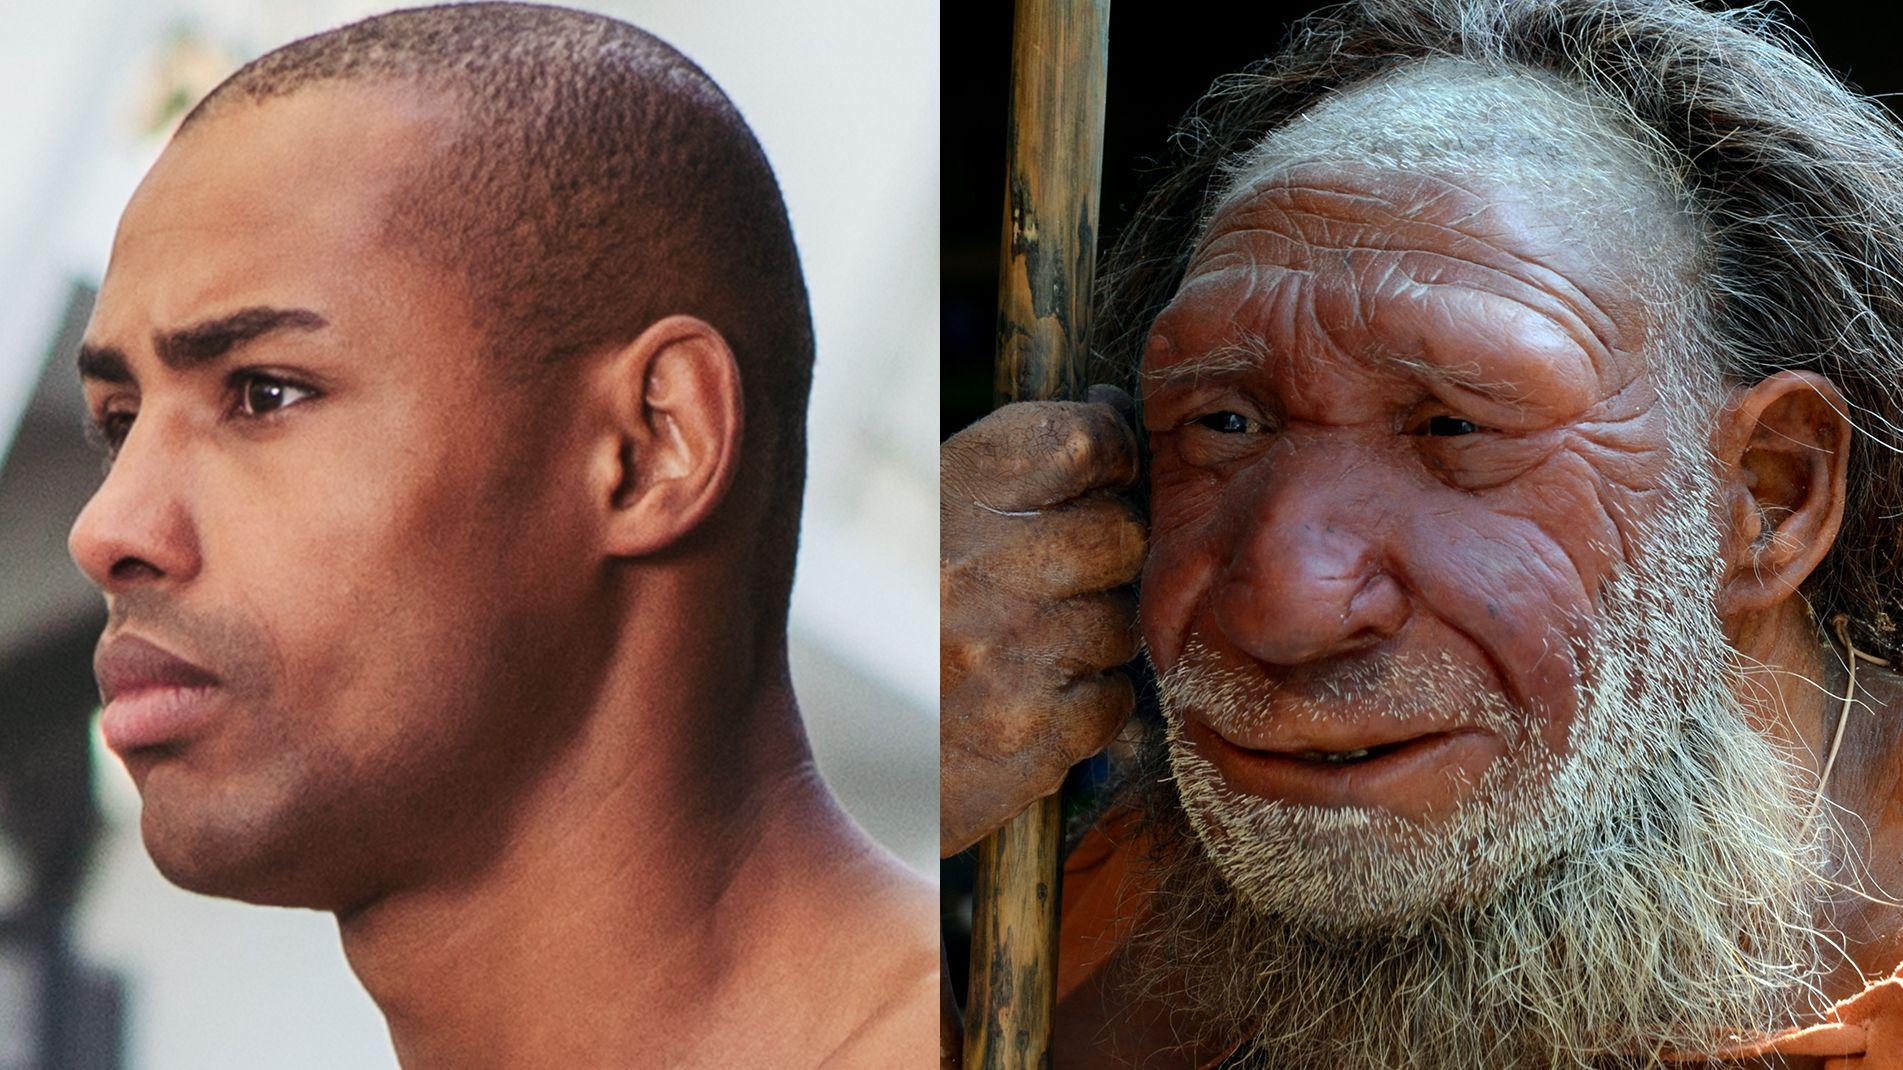 Gegenüberstellung eines modernen Afrikaners und die Vorstellung von einem Neandertaler.